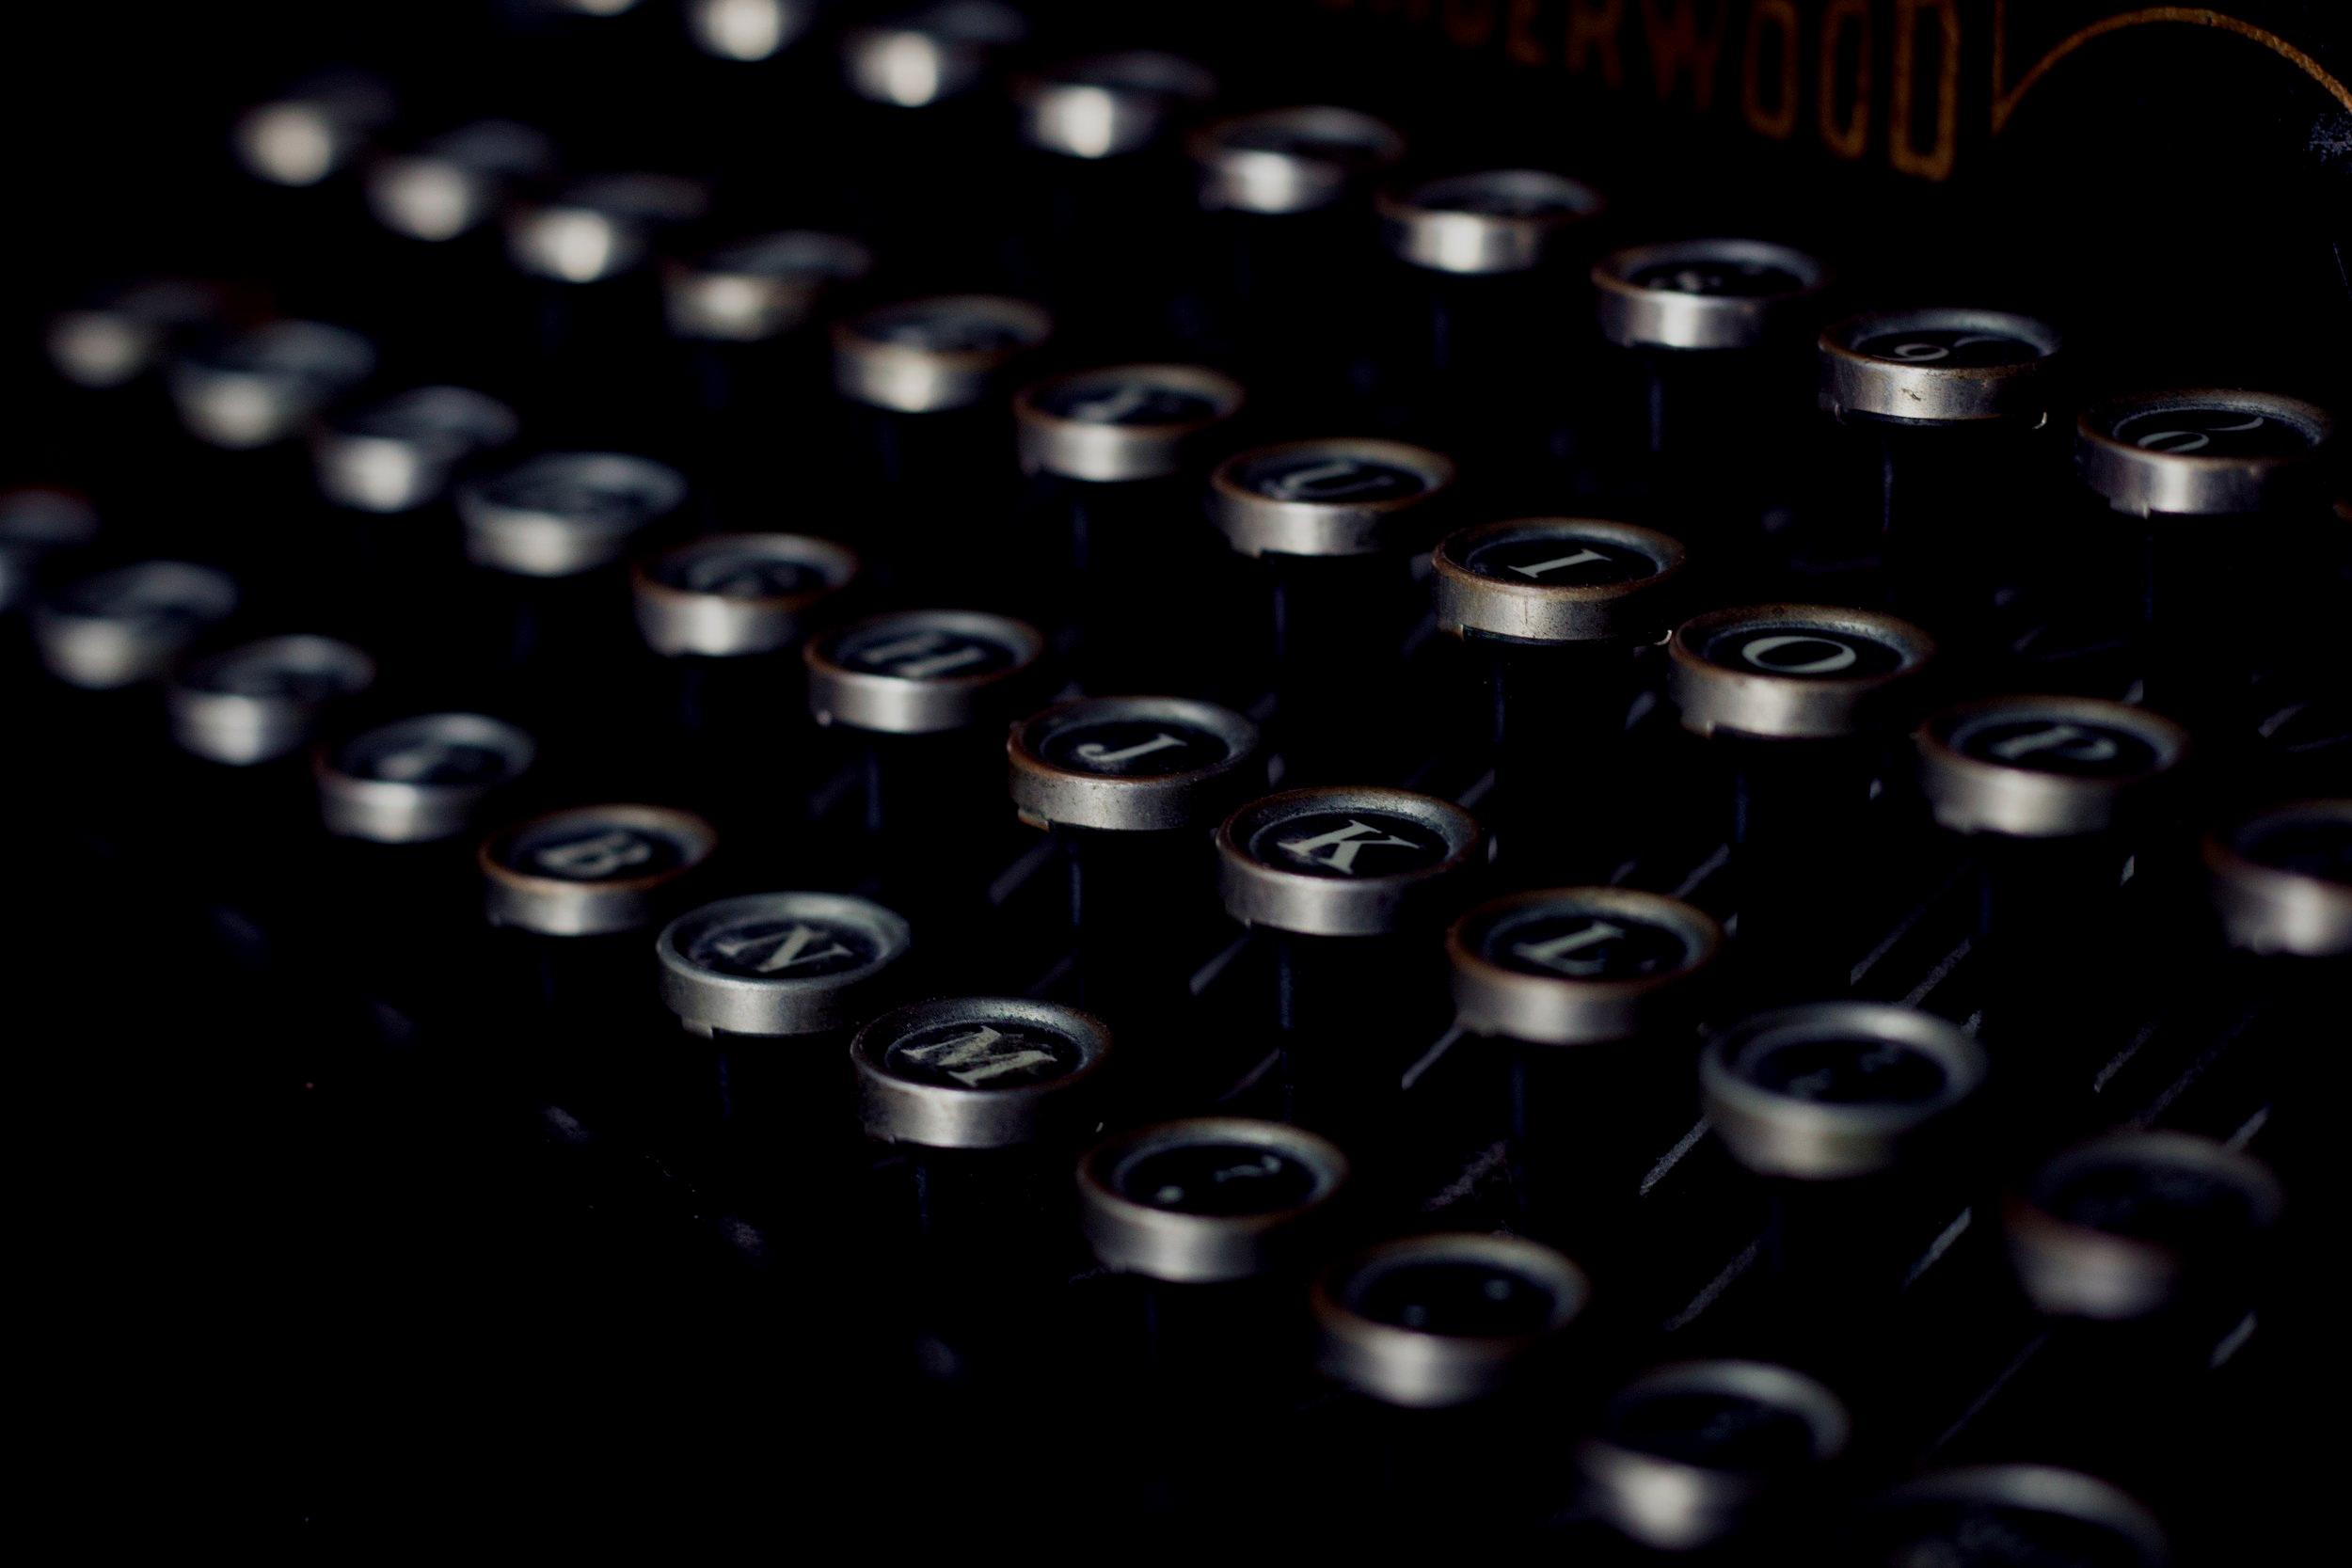 podcast+typewriter+camille-orgel-58391-unsplash.jpg